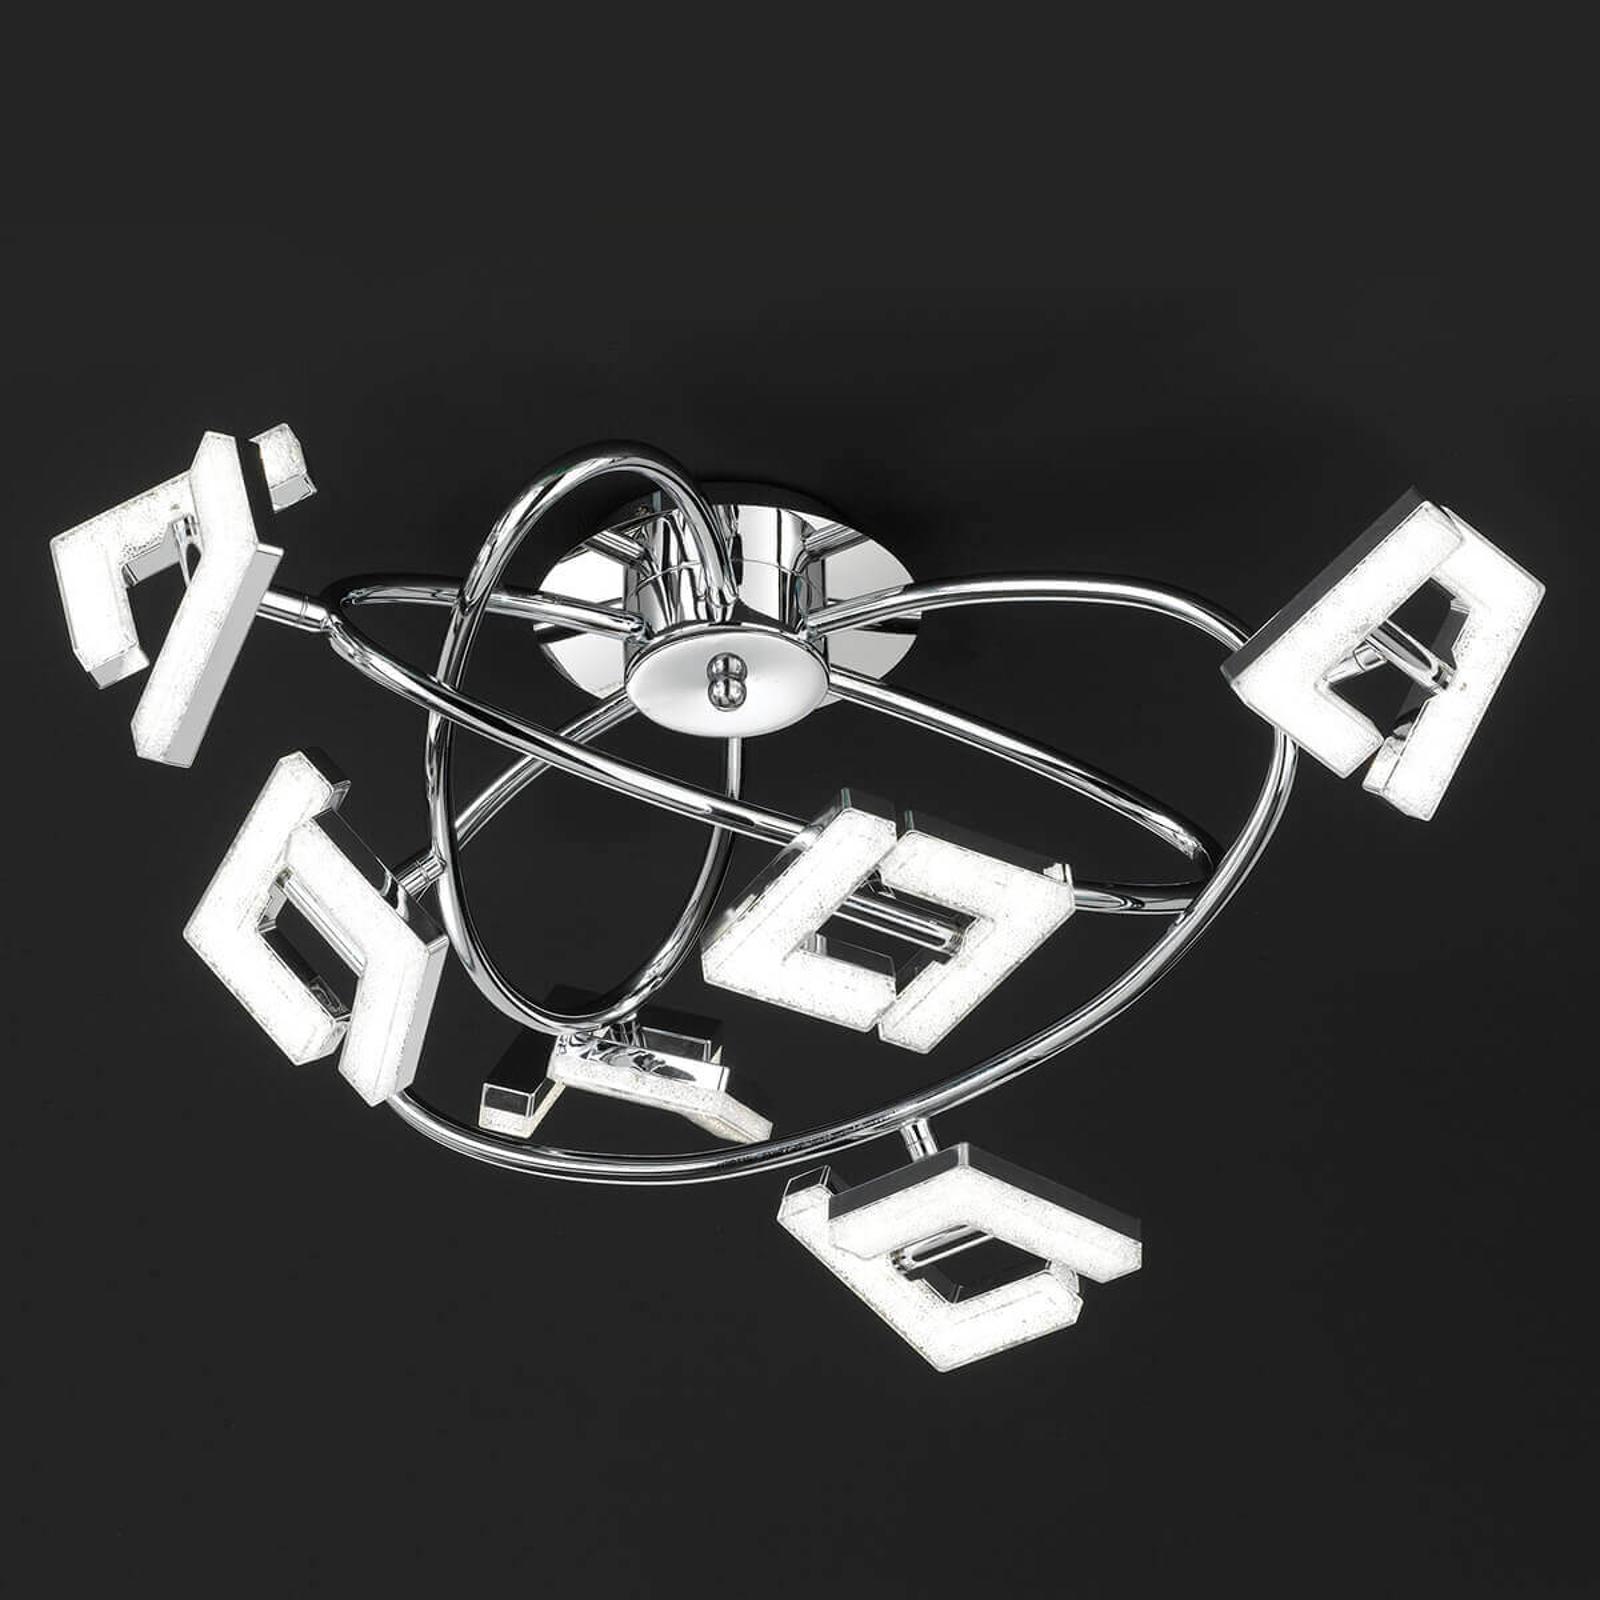 Huippumoderni LED-kattovalaisin Lea - 6-lamppuinen